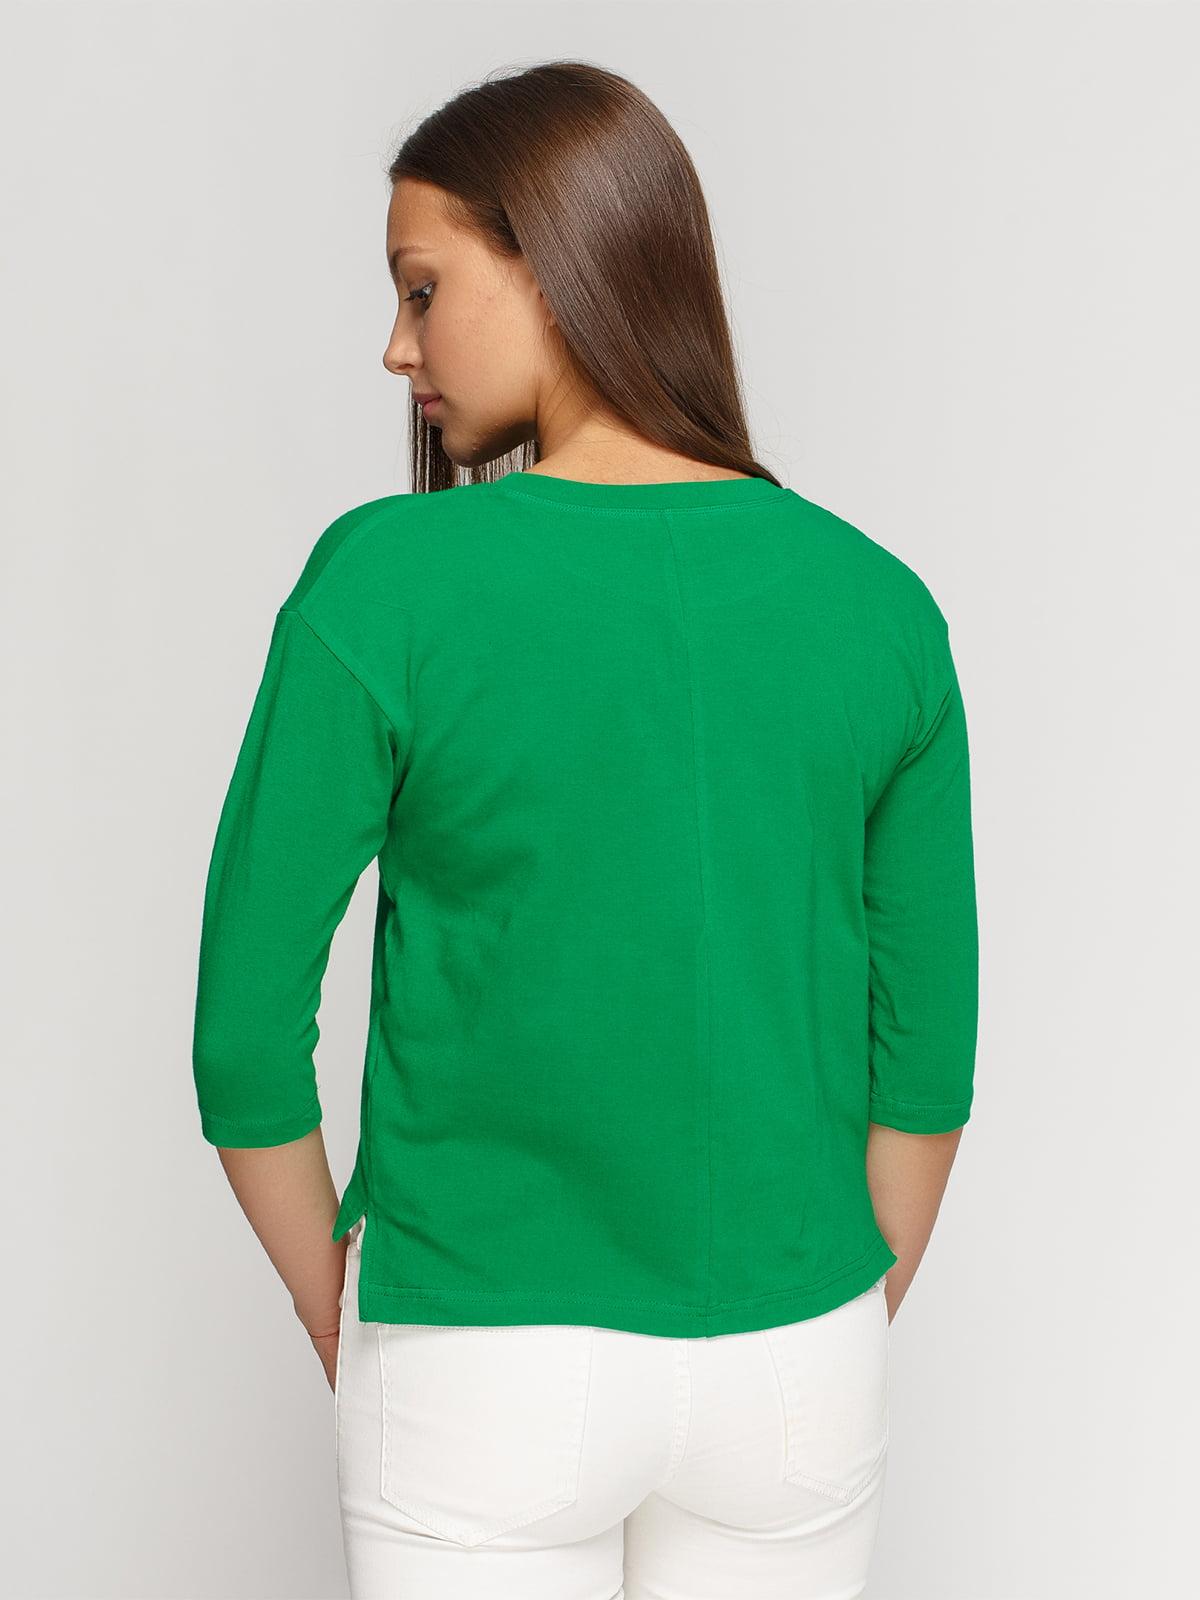 Лонгслив зеленый с принтом | 4578152 | фото 2